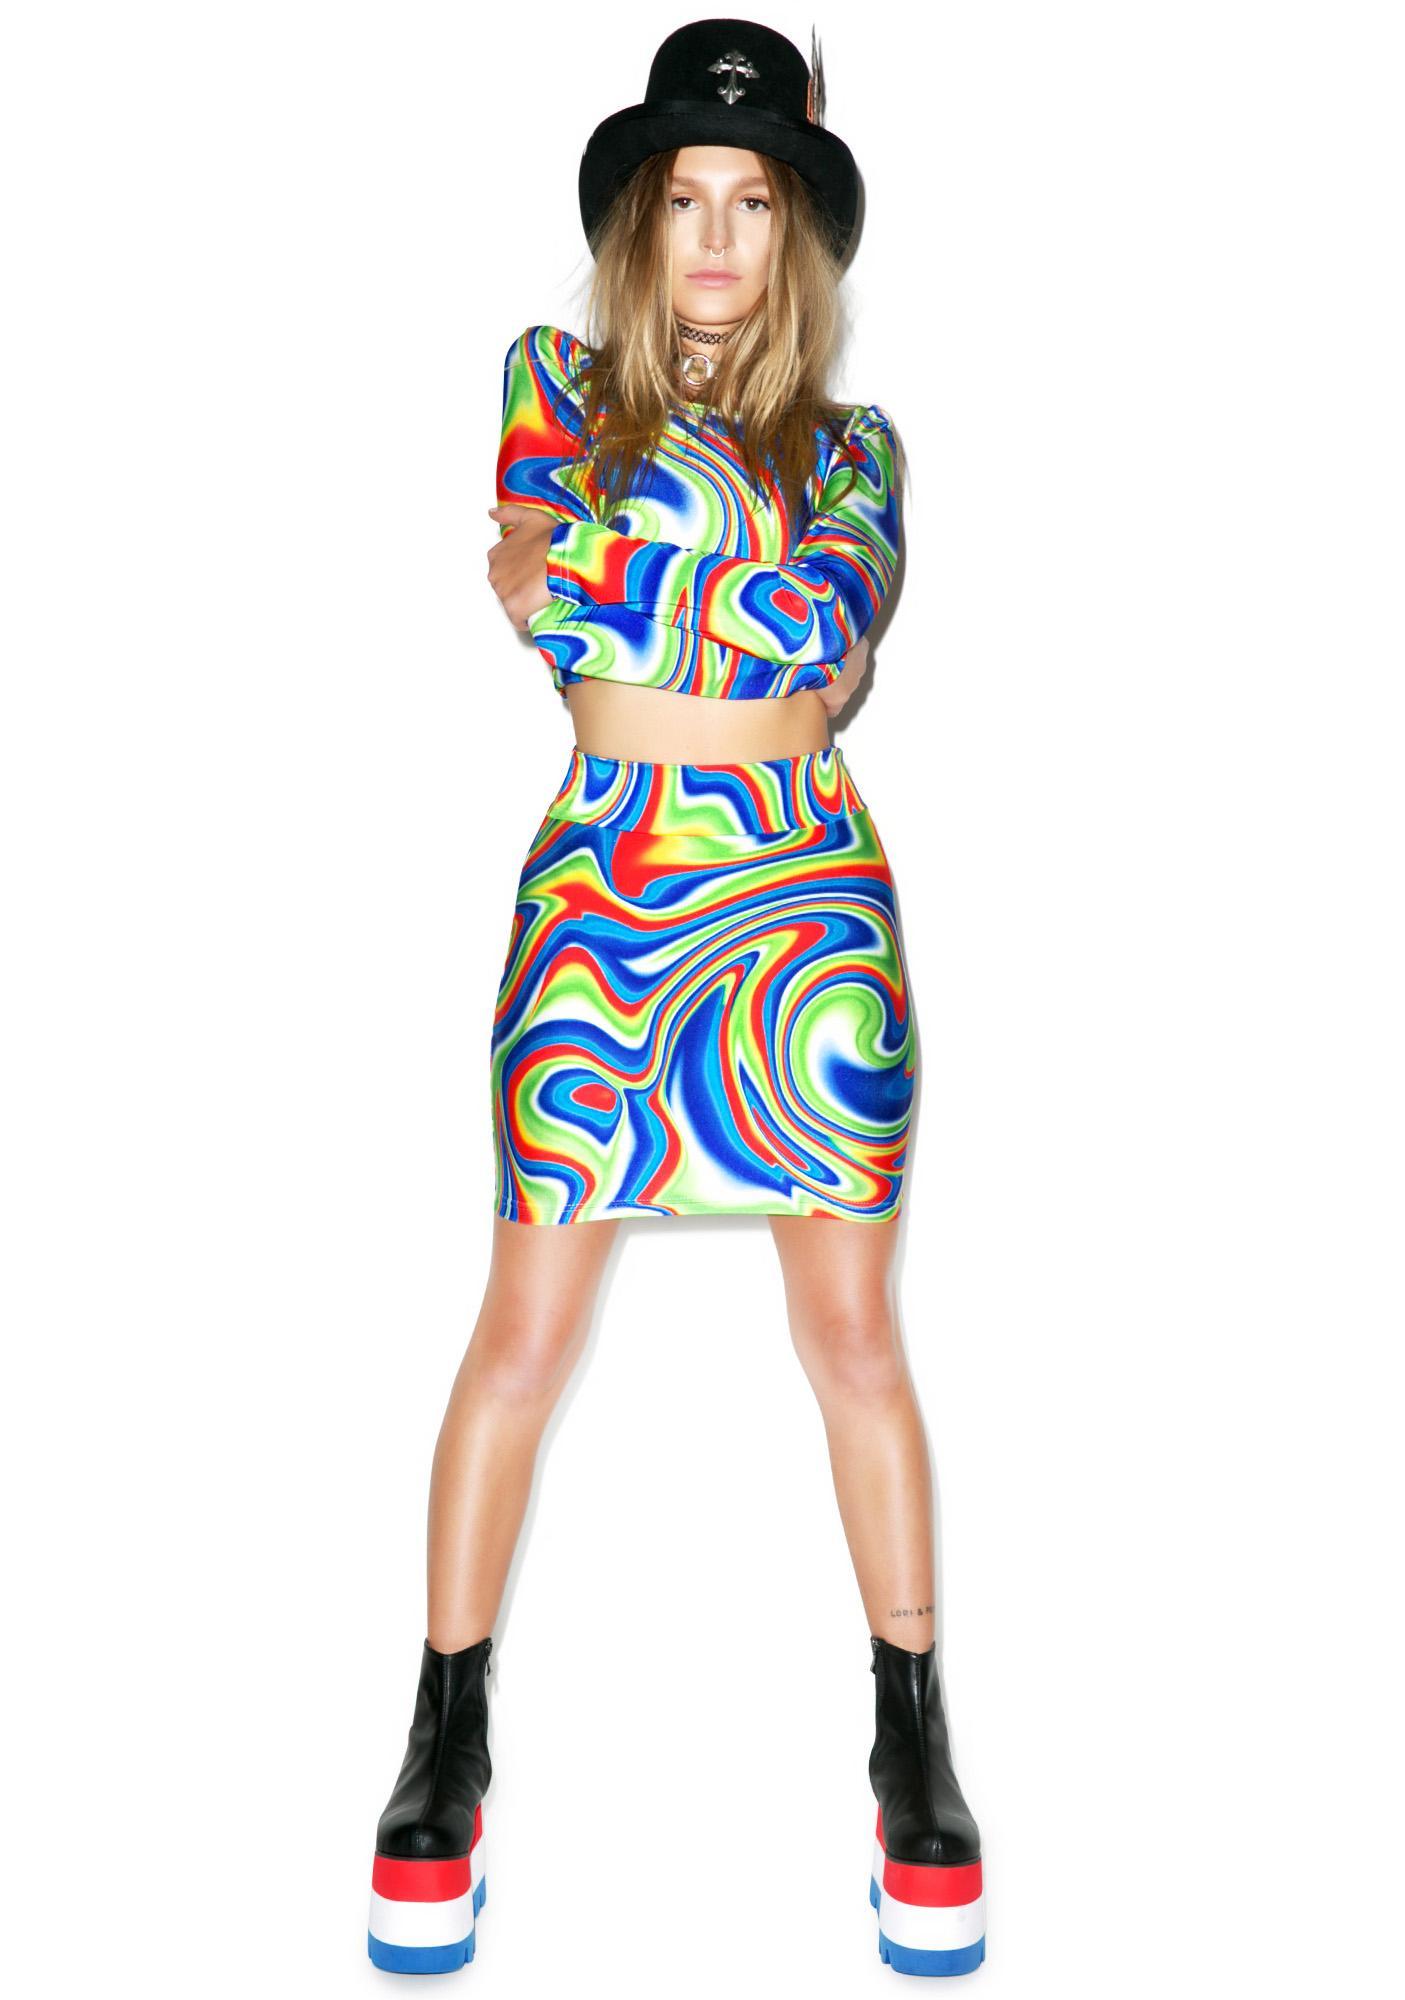 DEVOWEVO Psycho Spill Skirt